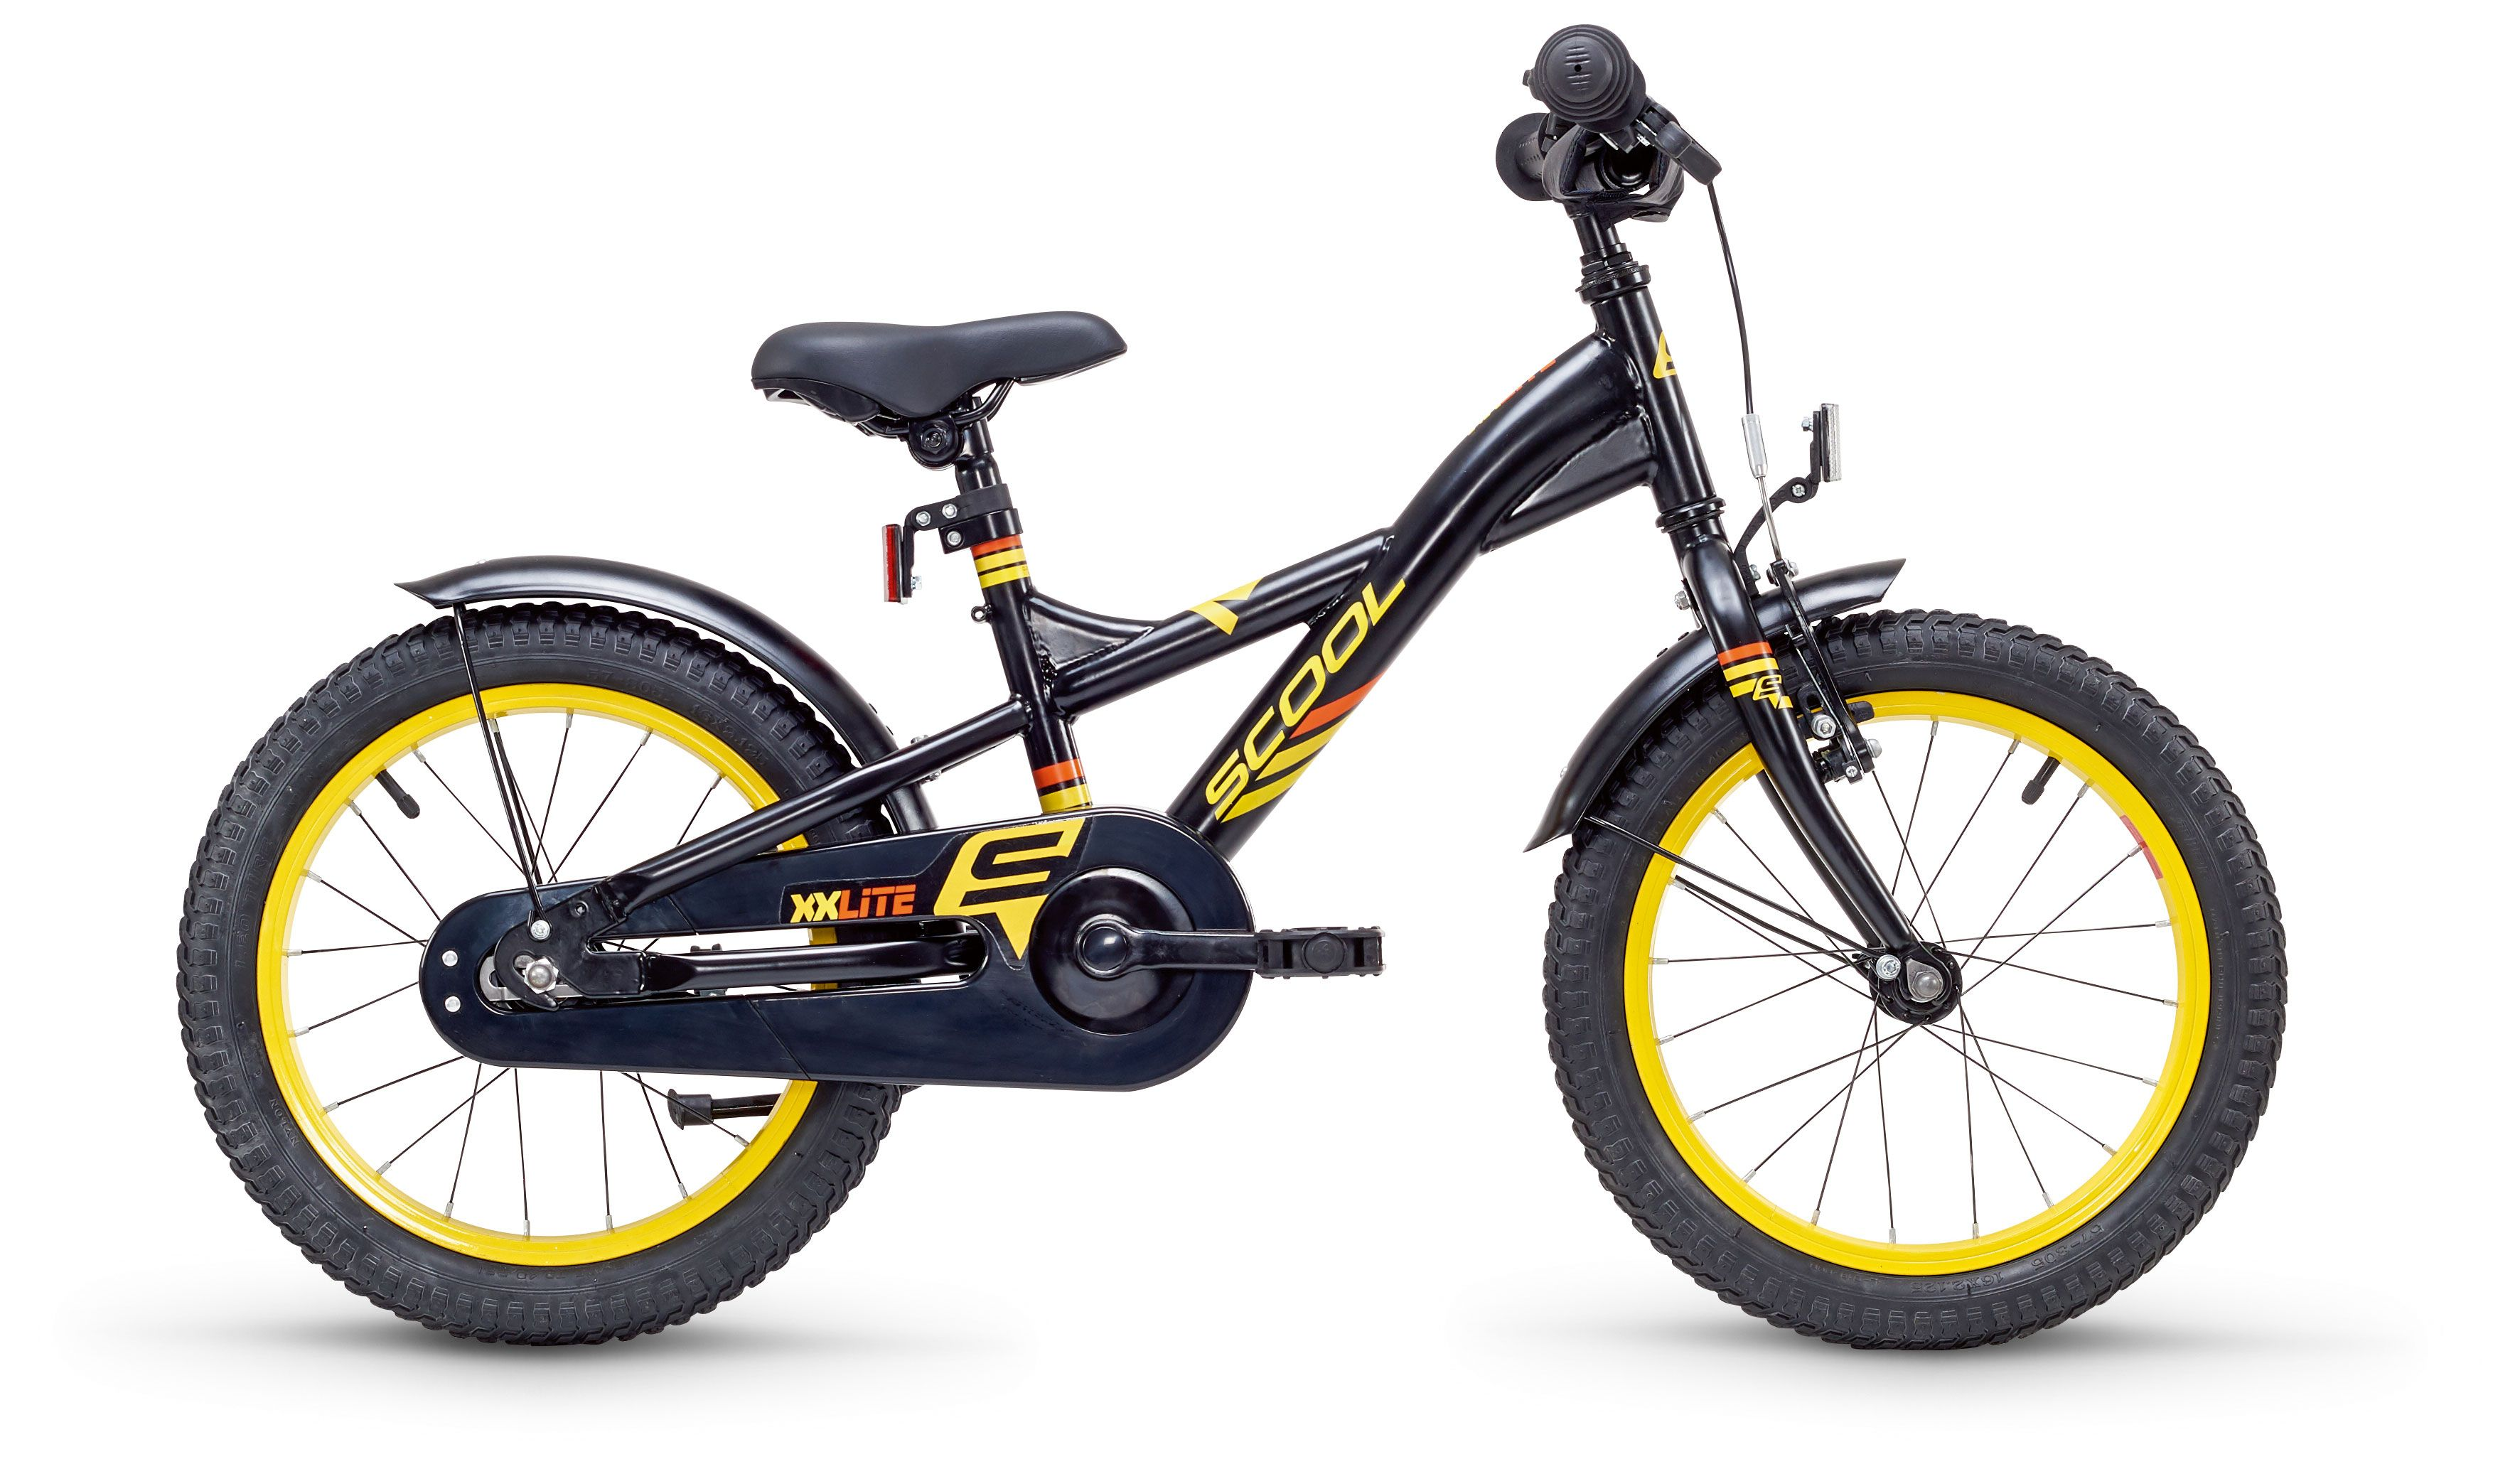 Велосипед Scool XXlite steel 16 1-S 2018 цена